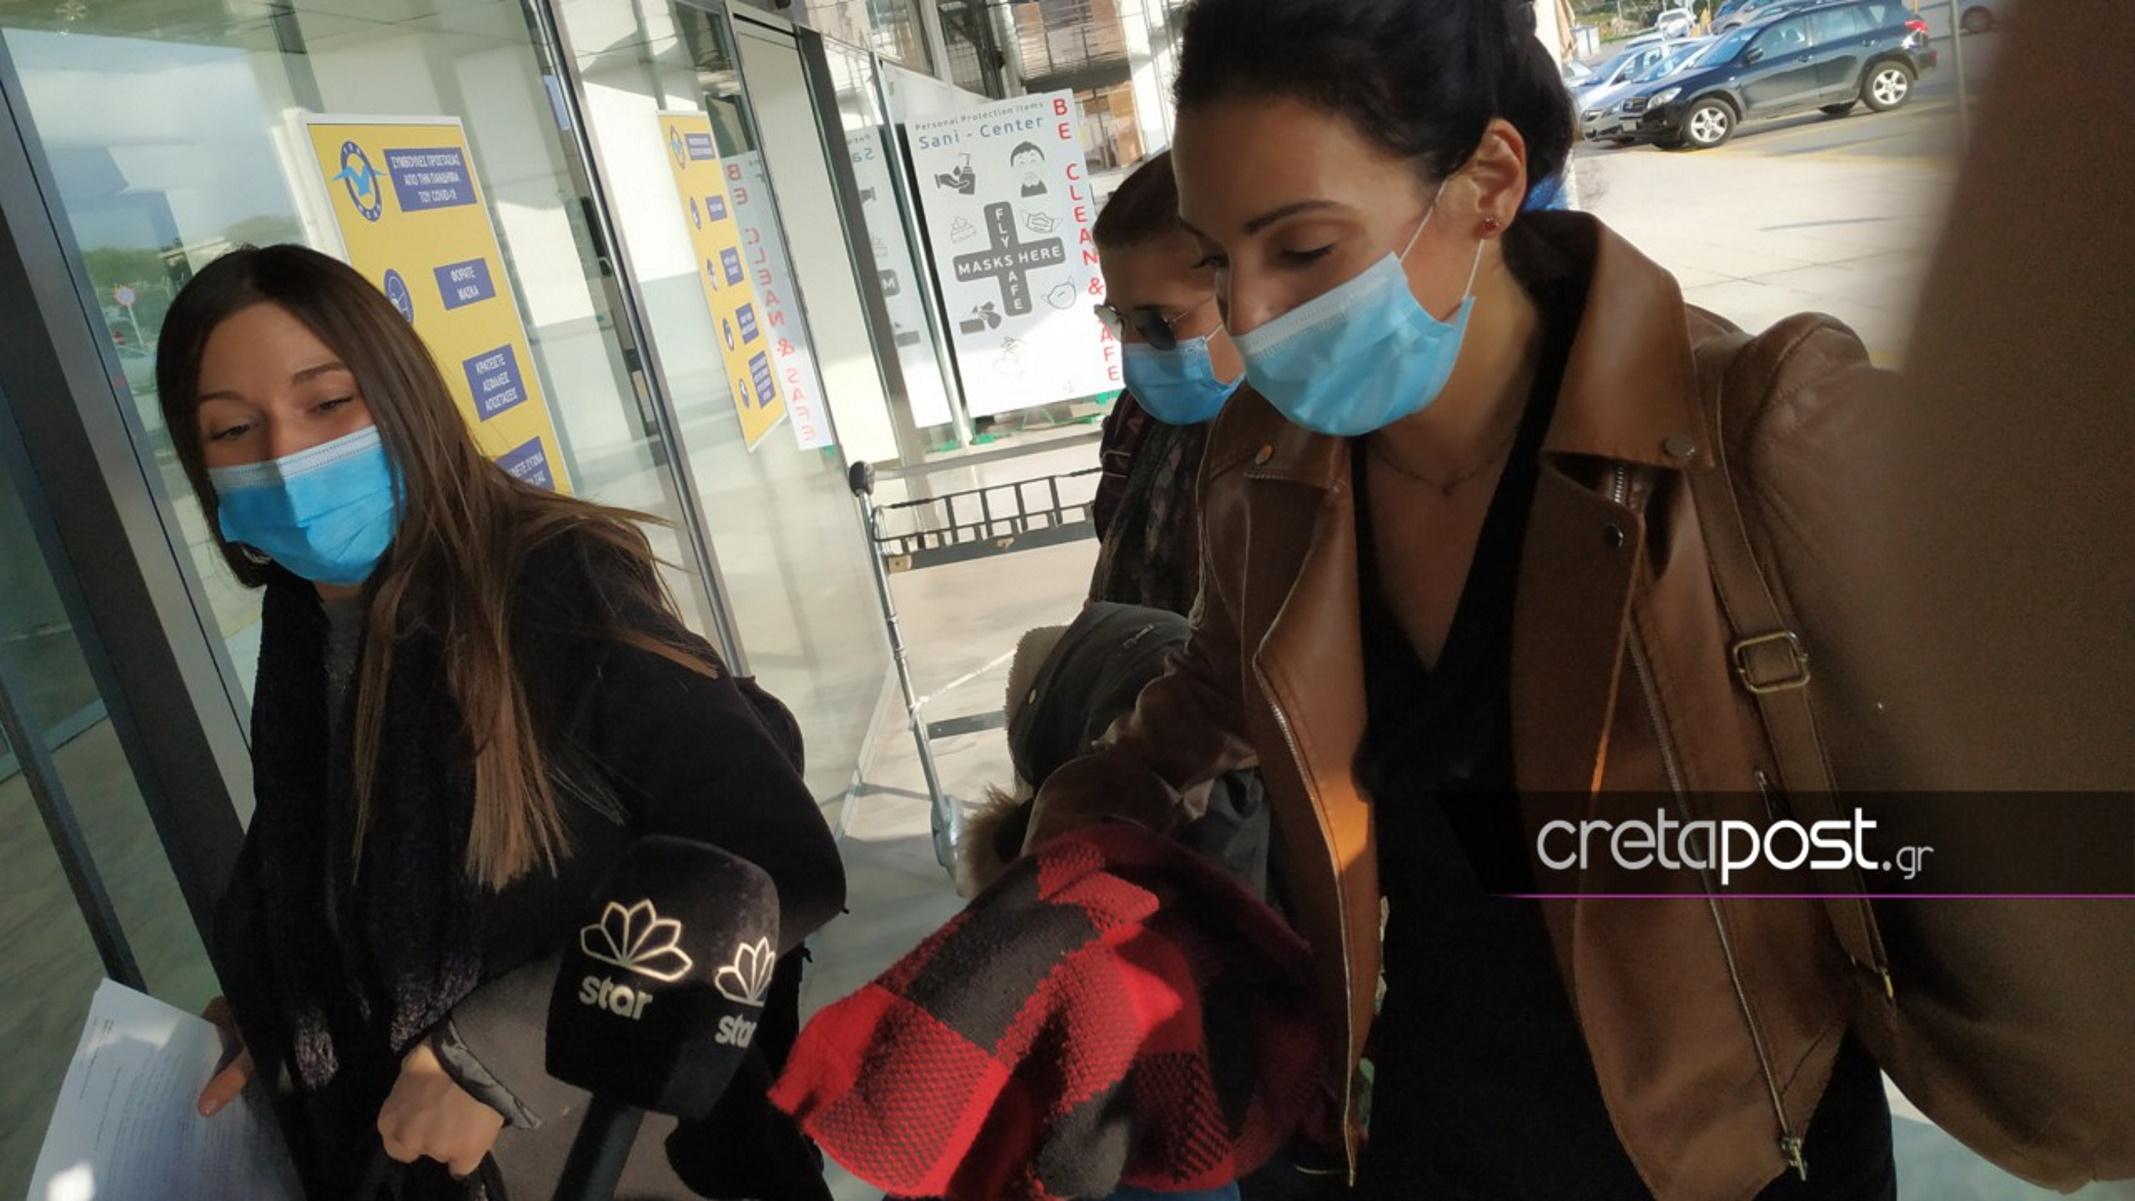 """Αναχώρησαν για Θεσσαλονίκη οι 10 νοσηλεύτριες ΜΕΘ απ' την Κρήτη: """"Ευχηθείτε μας καλή τύχη""""! (pics, video)"""